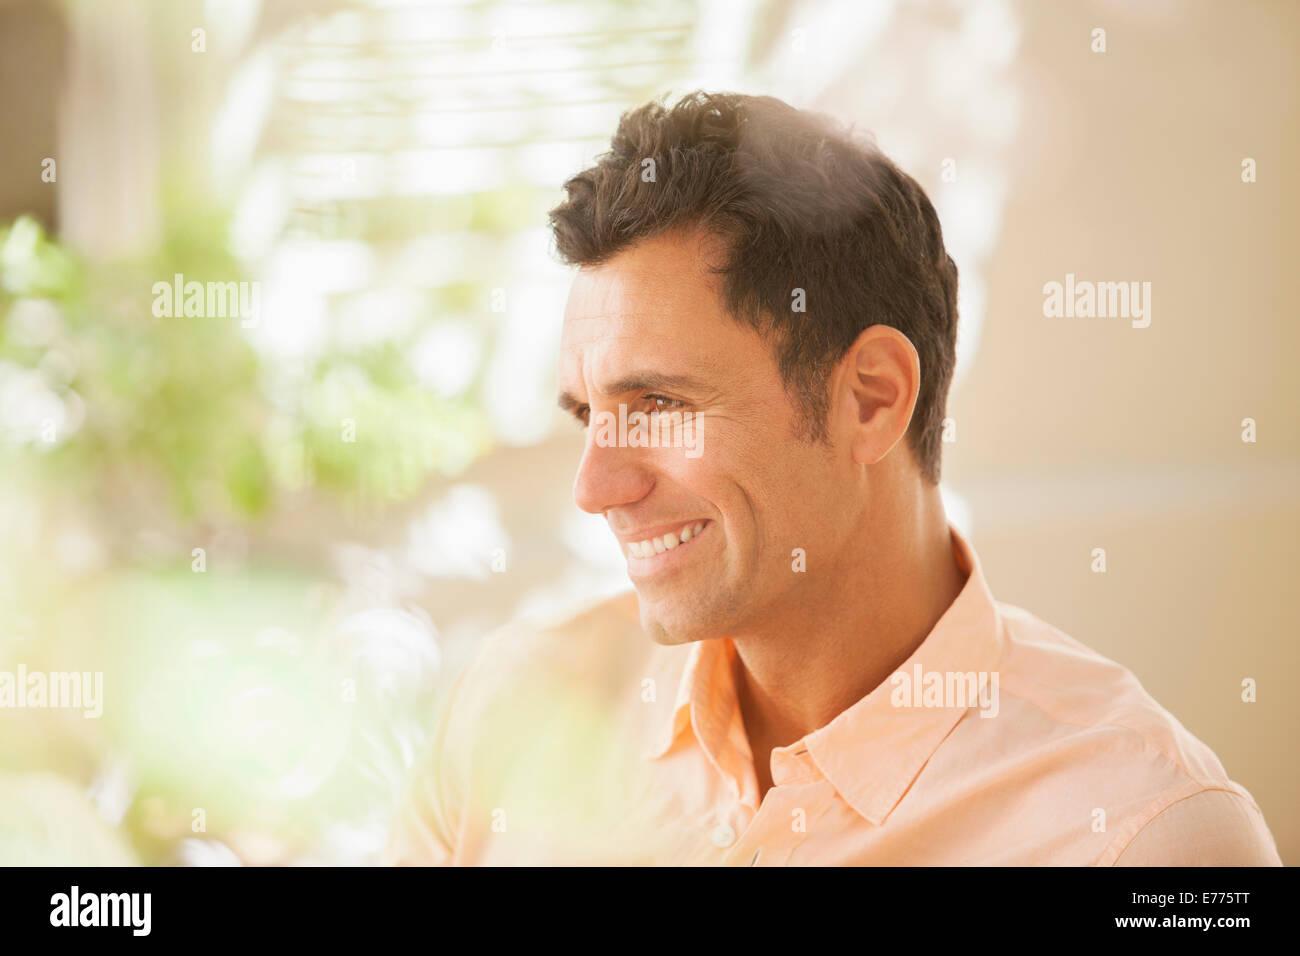 Uomo sorridente in ambienti interni Foto Stock